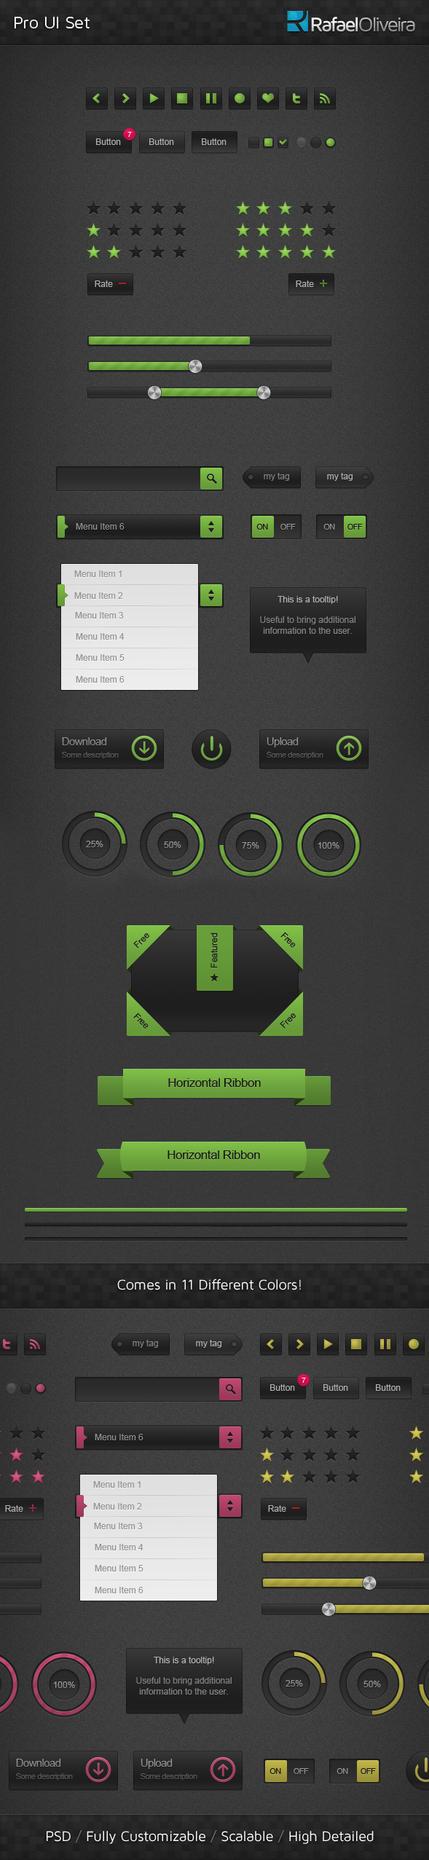 Pro UI Set by Rafael-Olivra